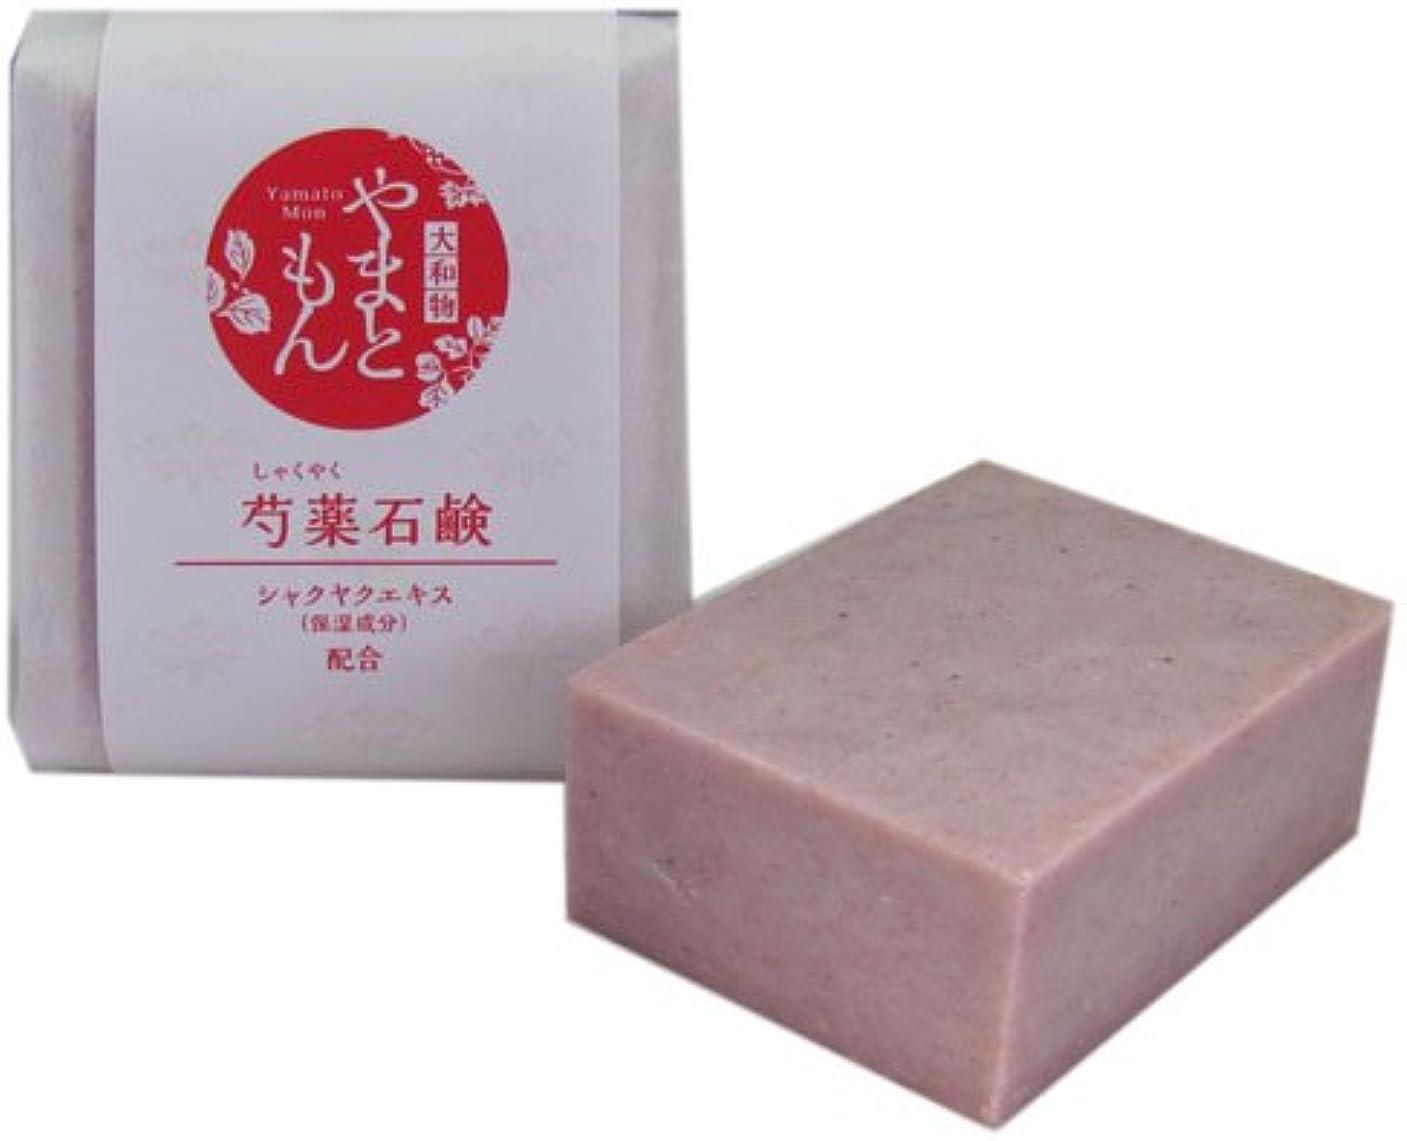 アリ歩行者虫奈良産和漢生薬エキス使用やまともん化粧品 芍薬石鹸(しゃくやくせっけん)